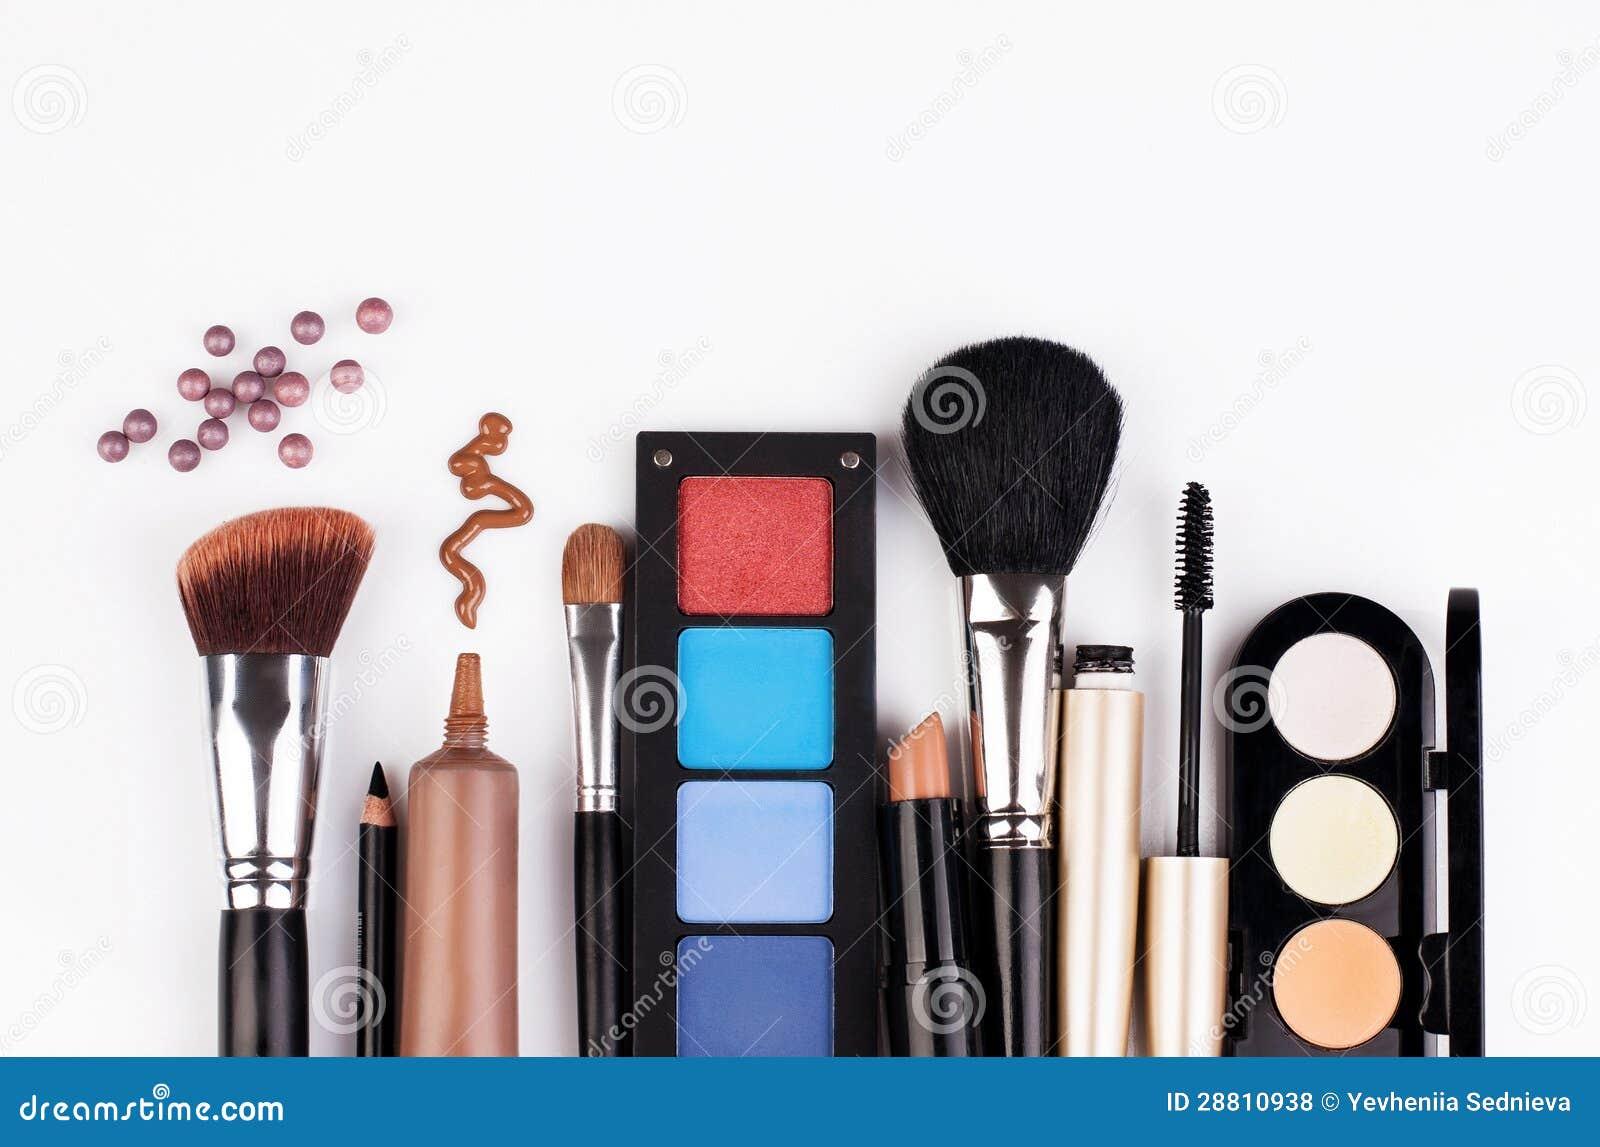 Базовые принадлежности для макияжа